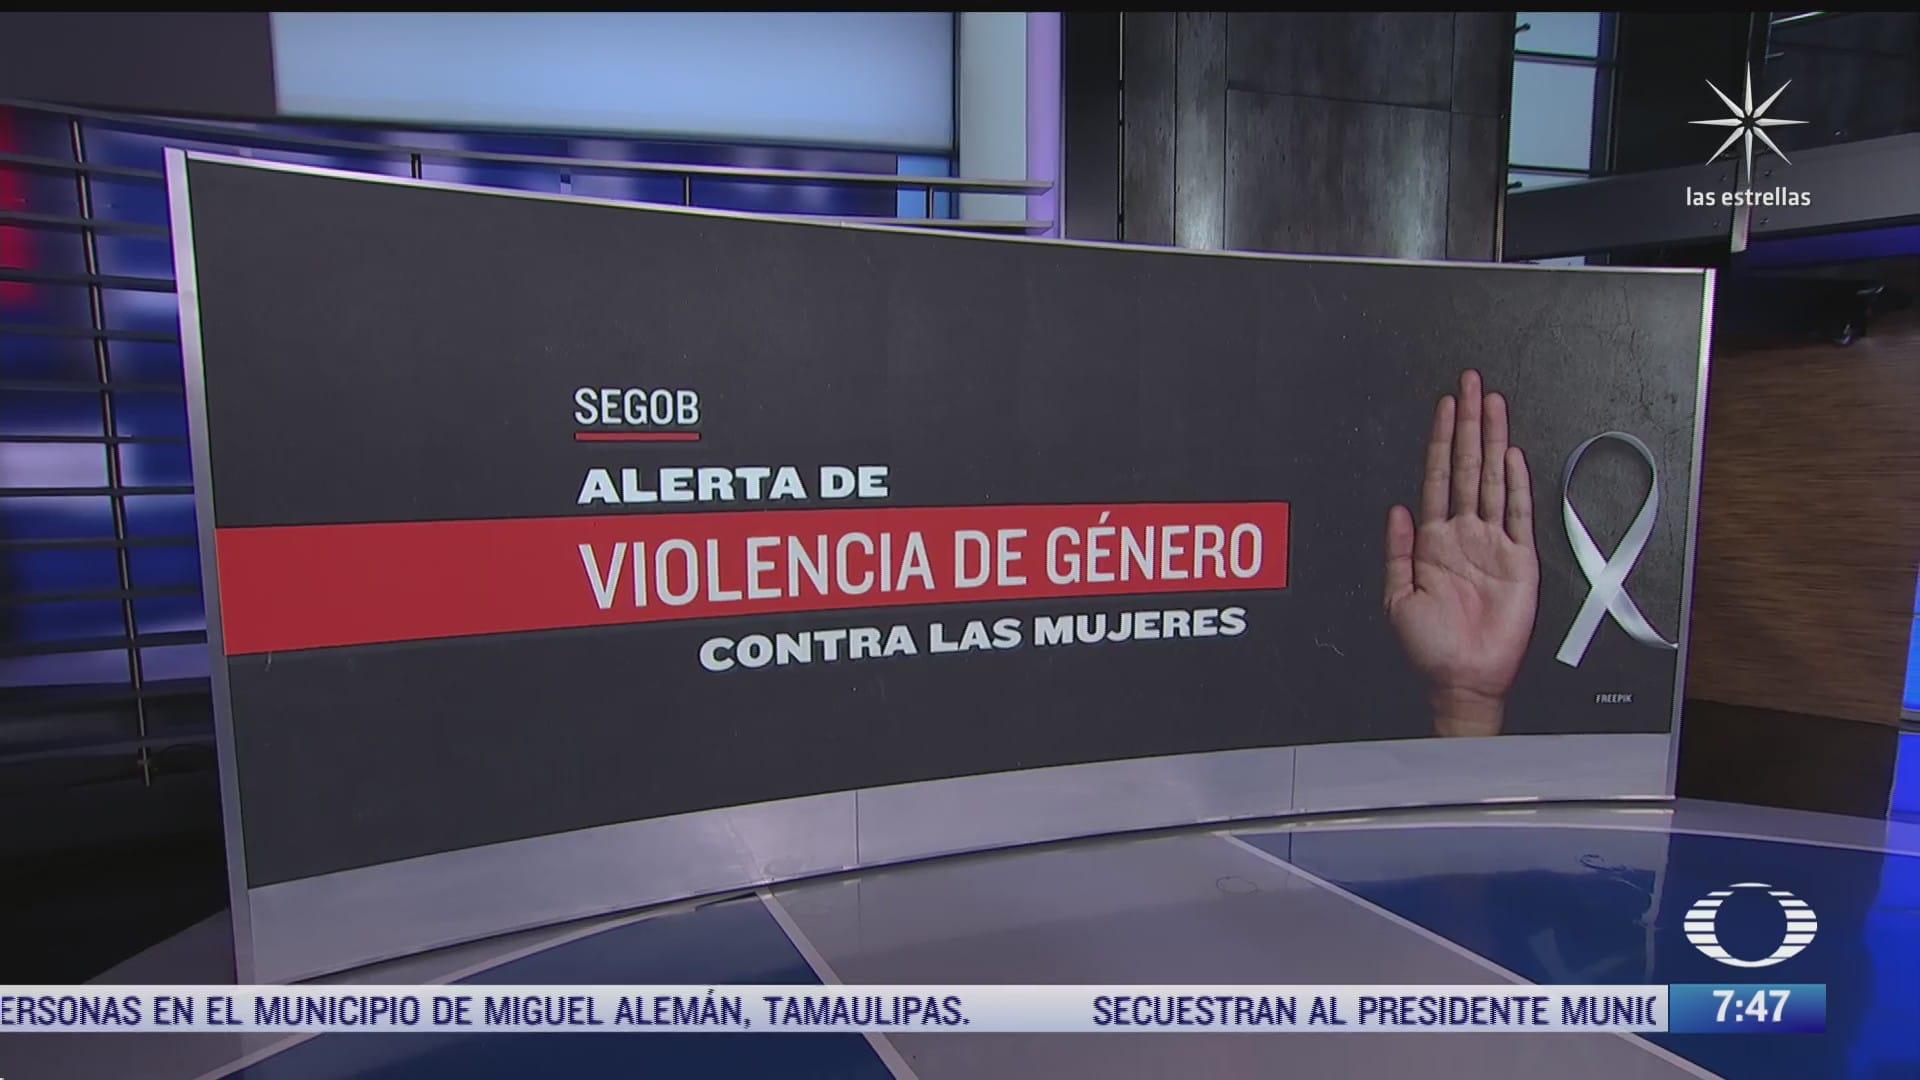 que es la alerta de violencia de genero contra las mujeres